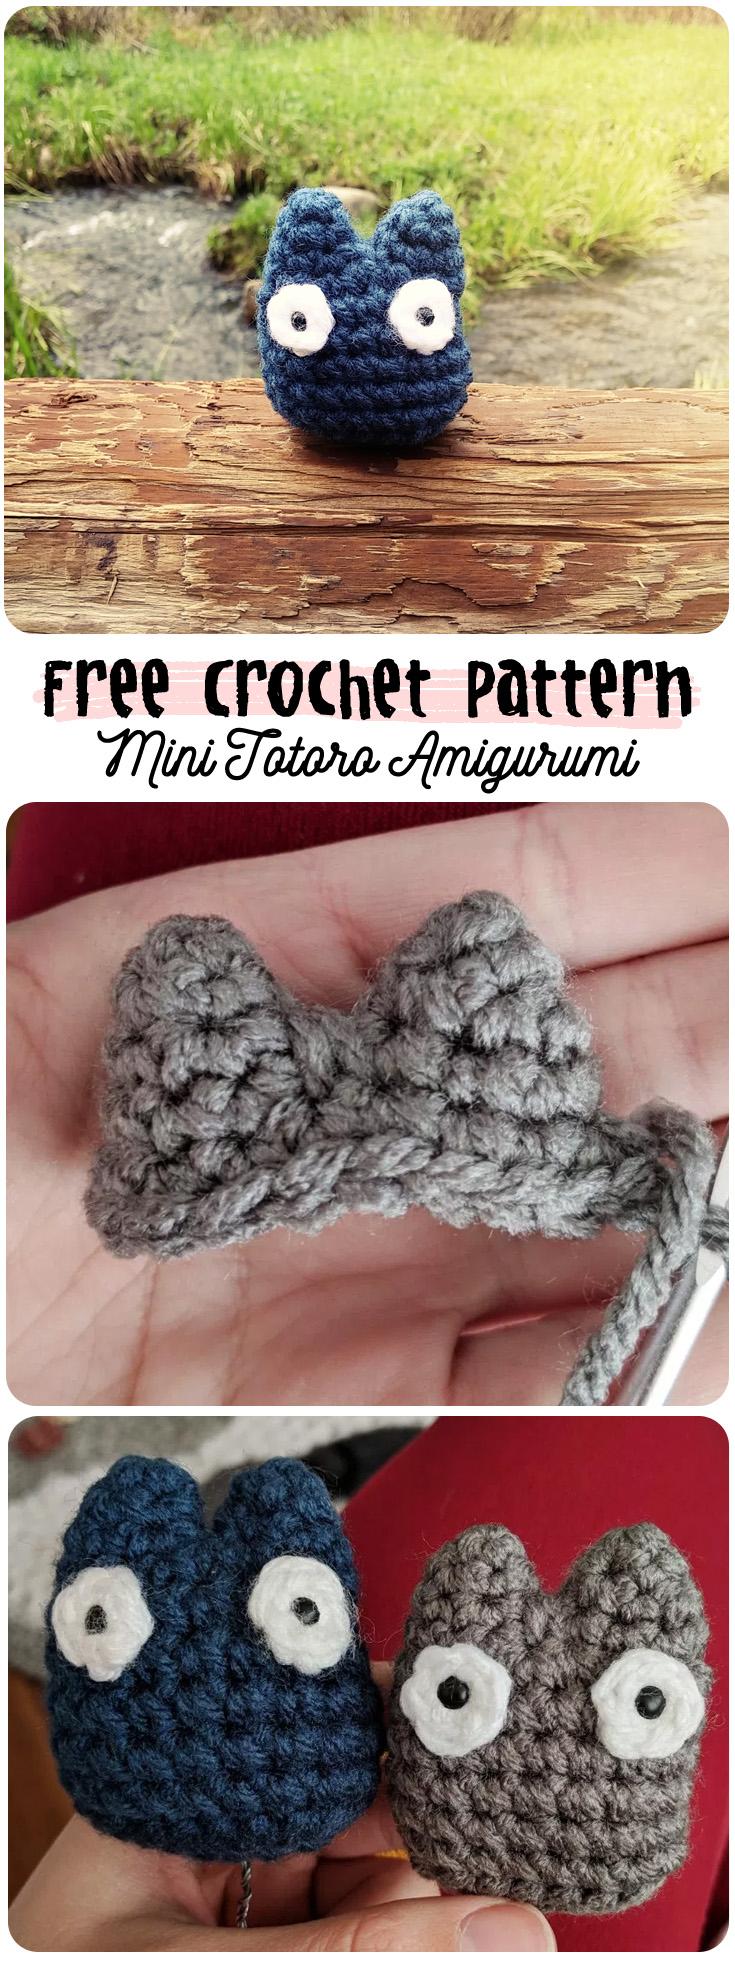 free-crochet-pattern-mini-totoro-amigurumi.jpg